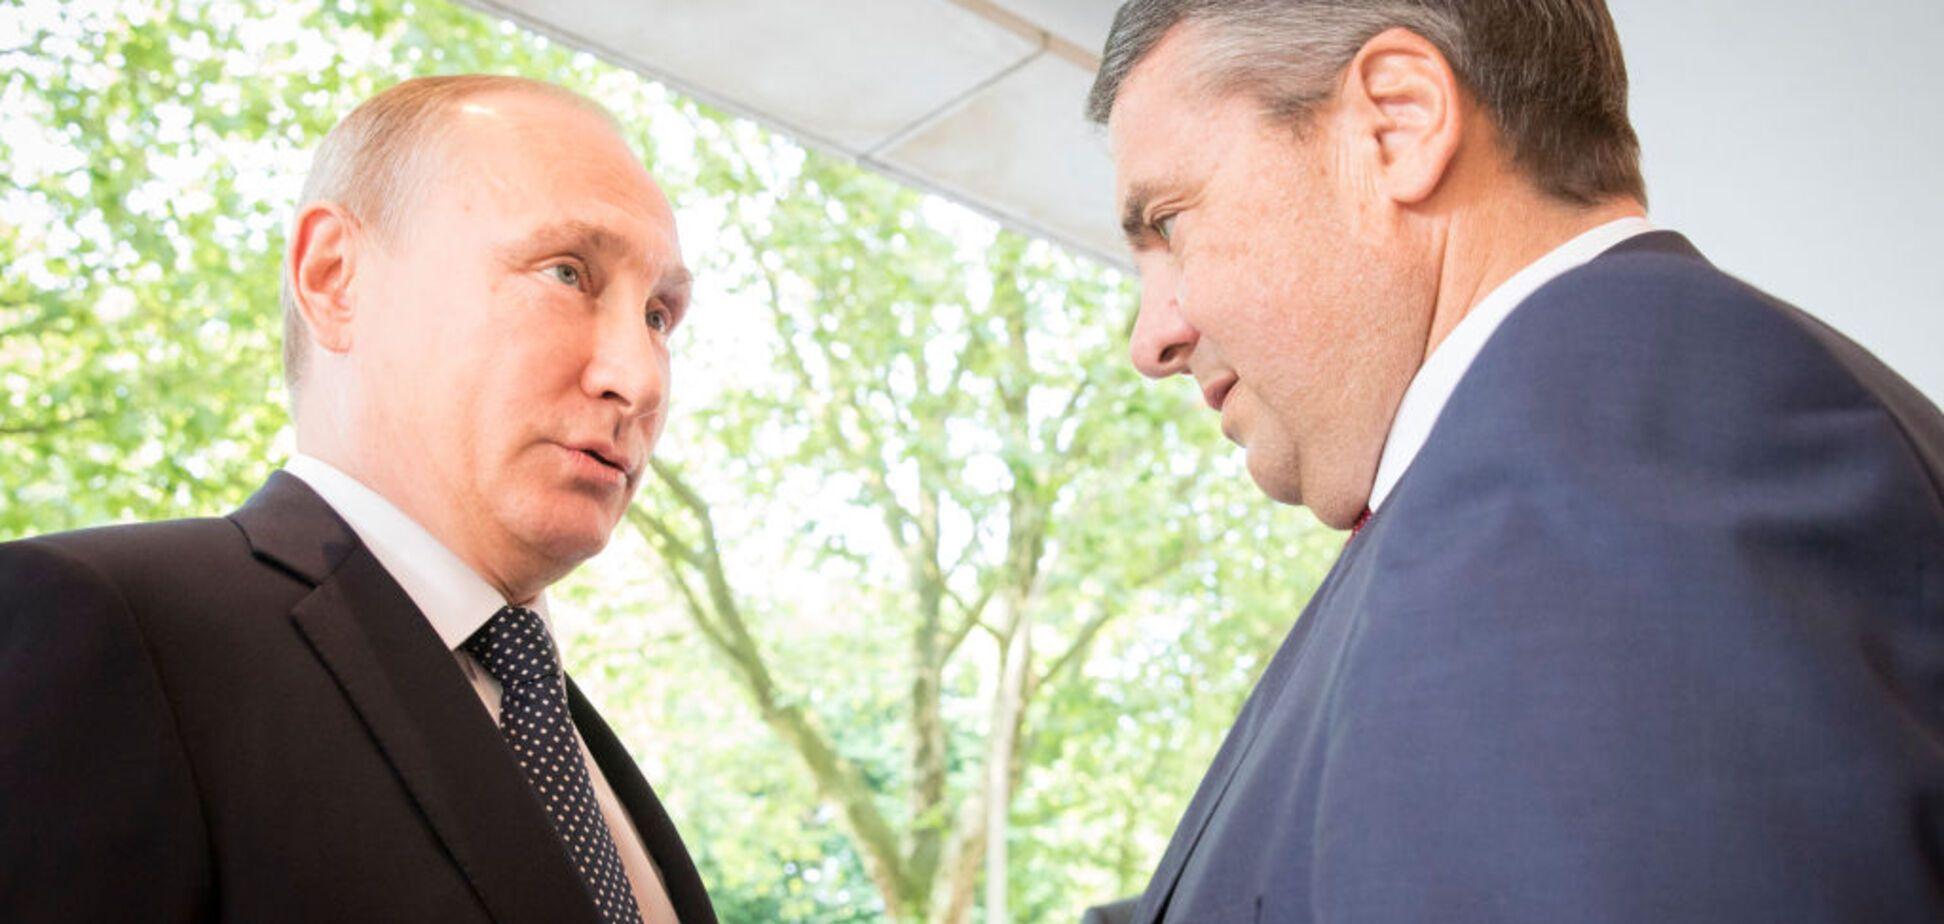 Габриэль призывает закрыть глаза на Крым